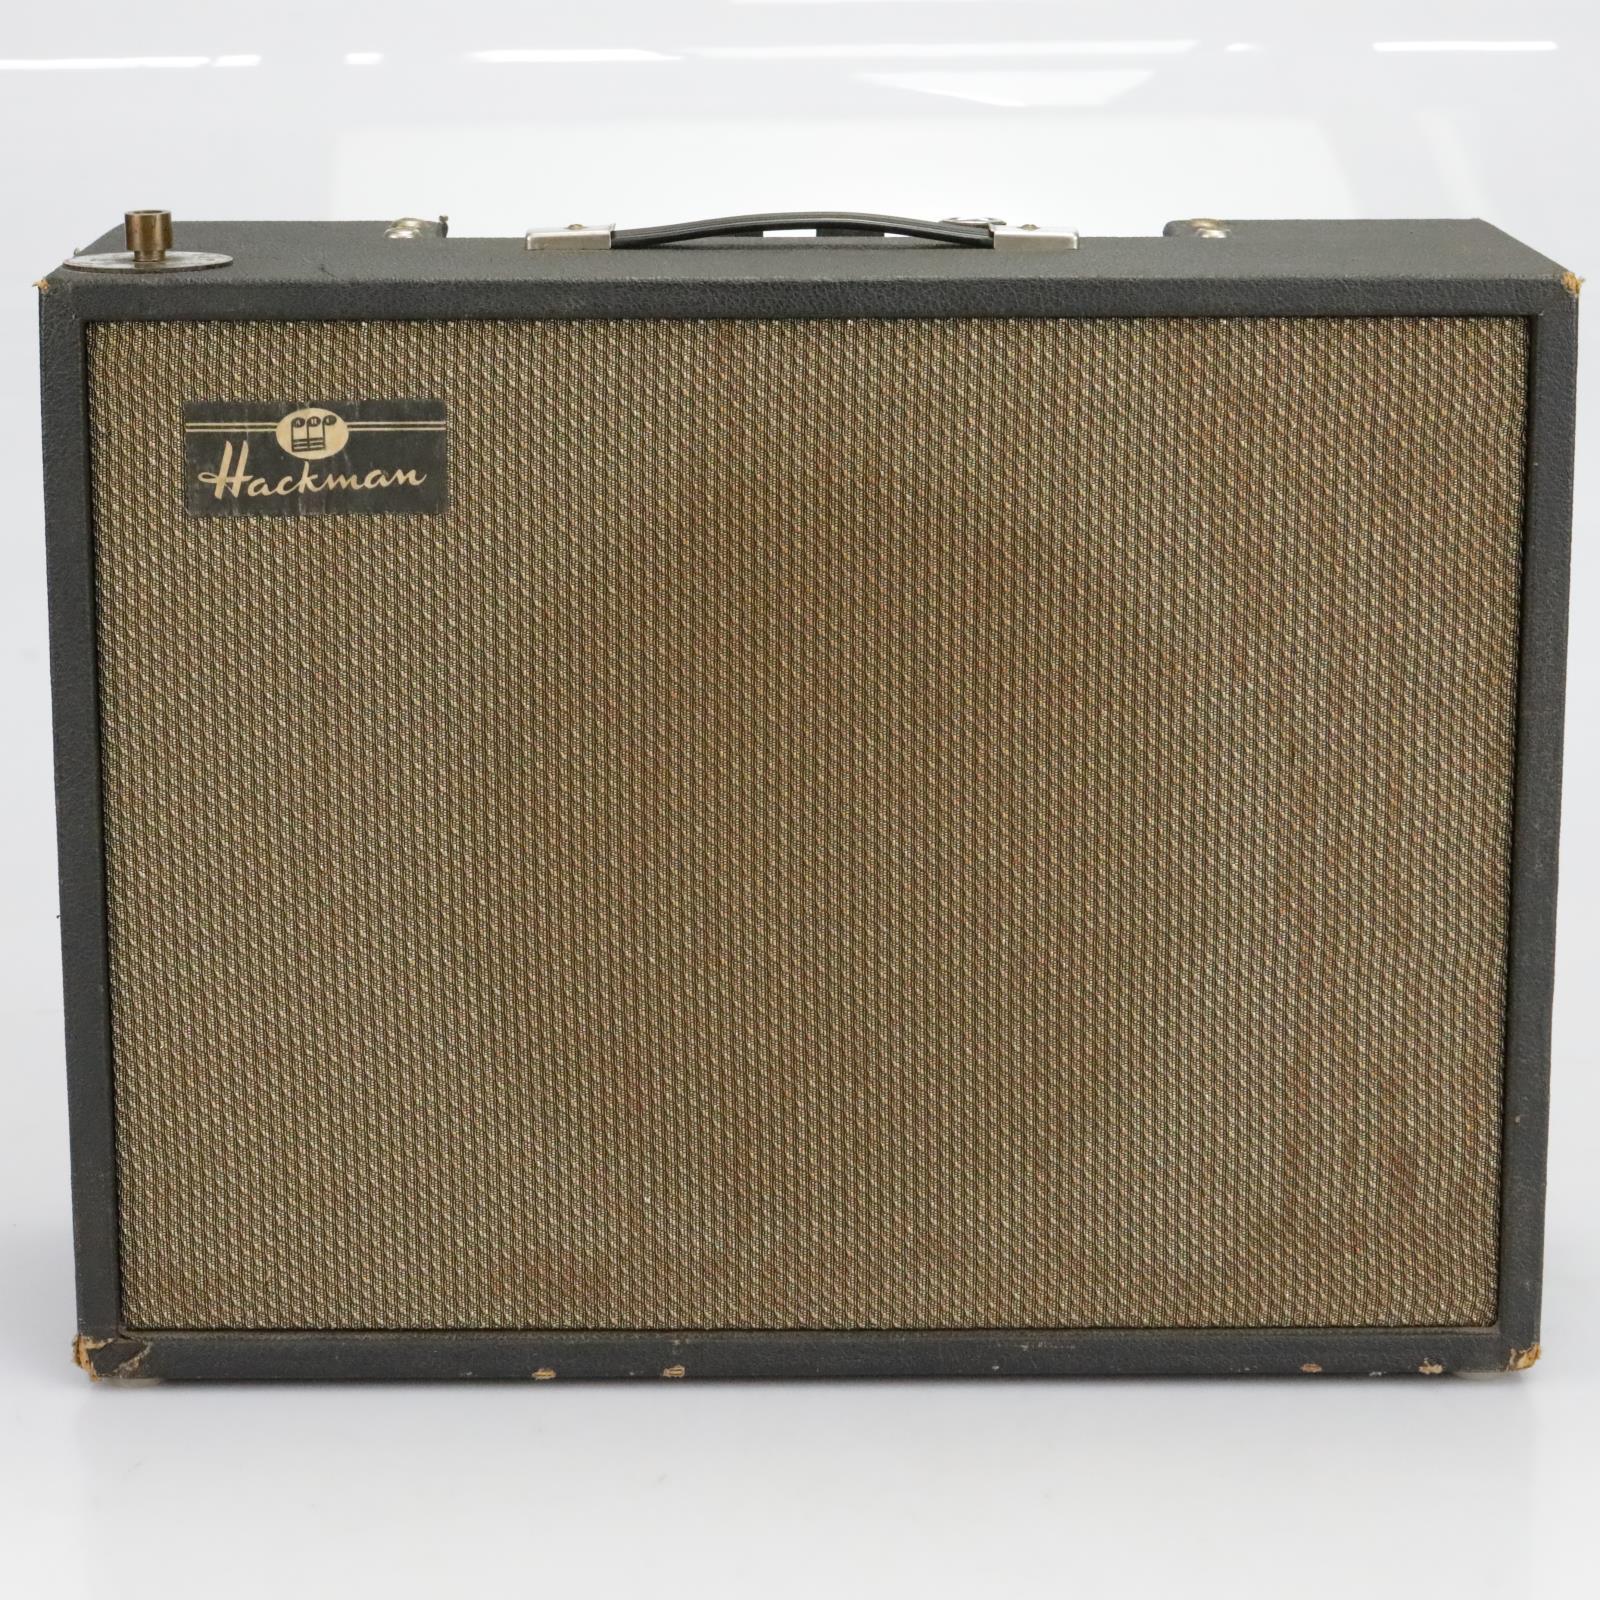 """Hackman Vintage Solid State Organ Accordion Guitar Amp Amplifier 1X12"""" #40334"""